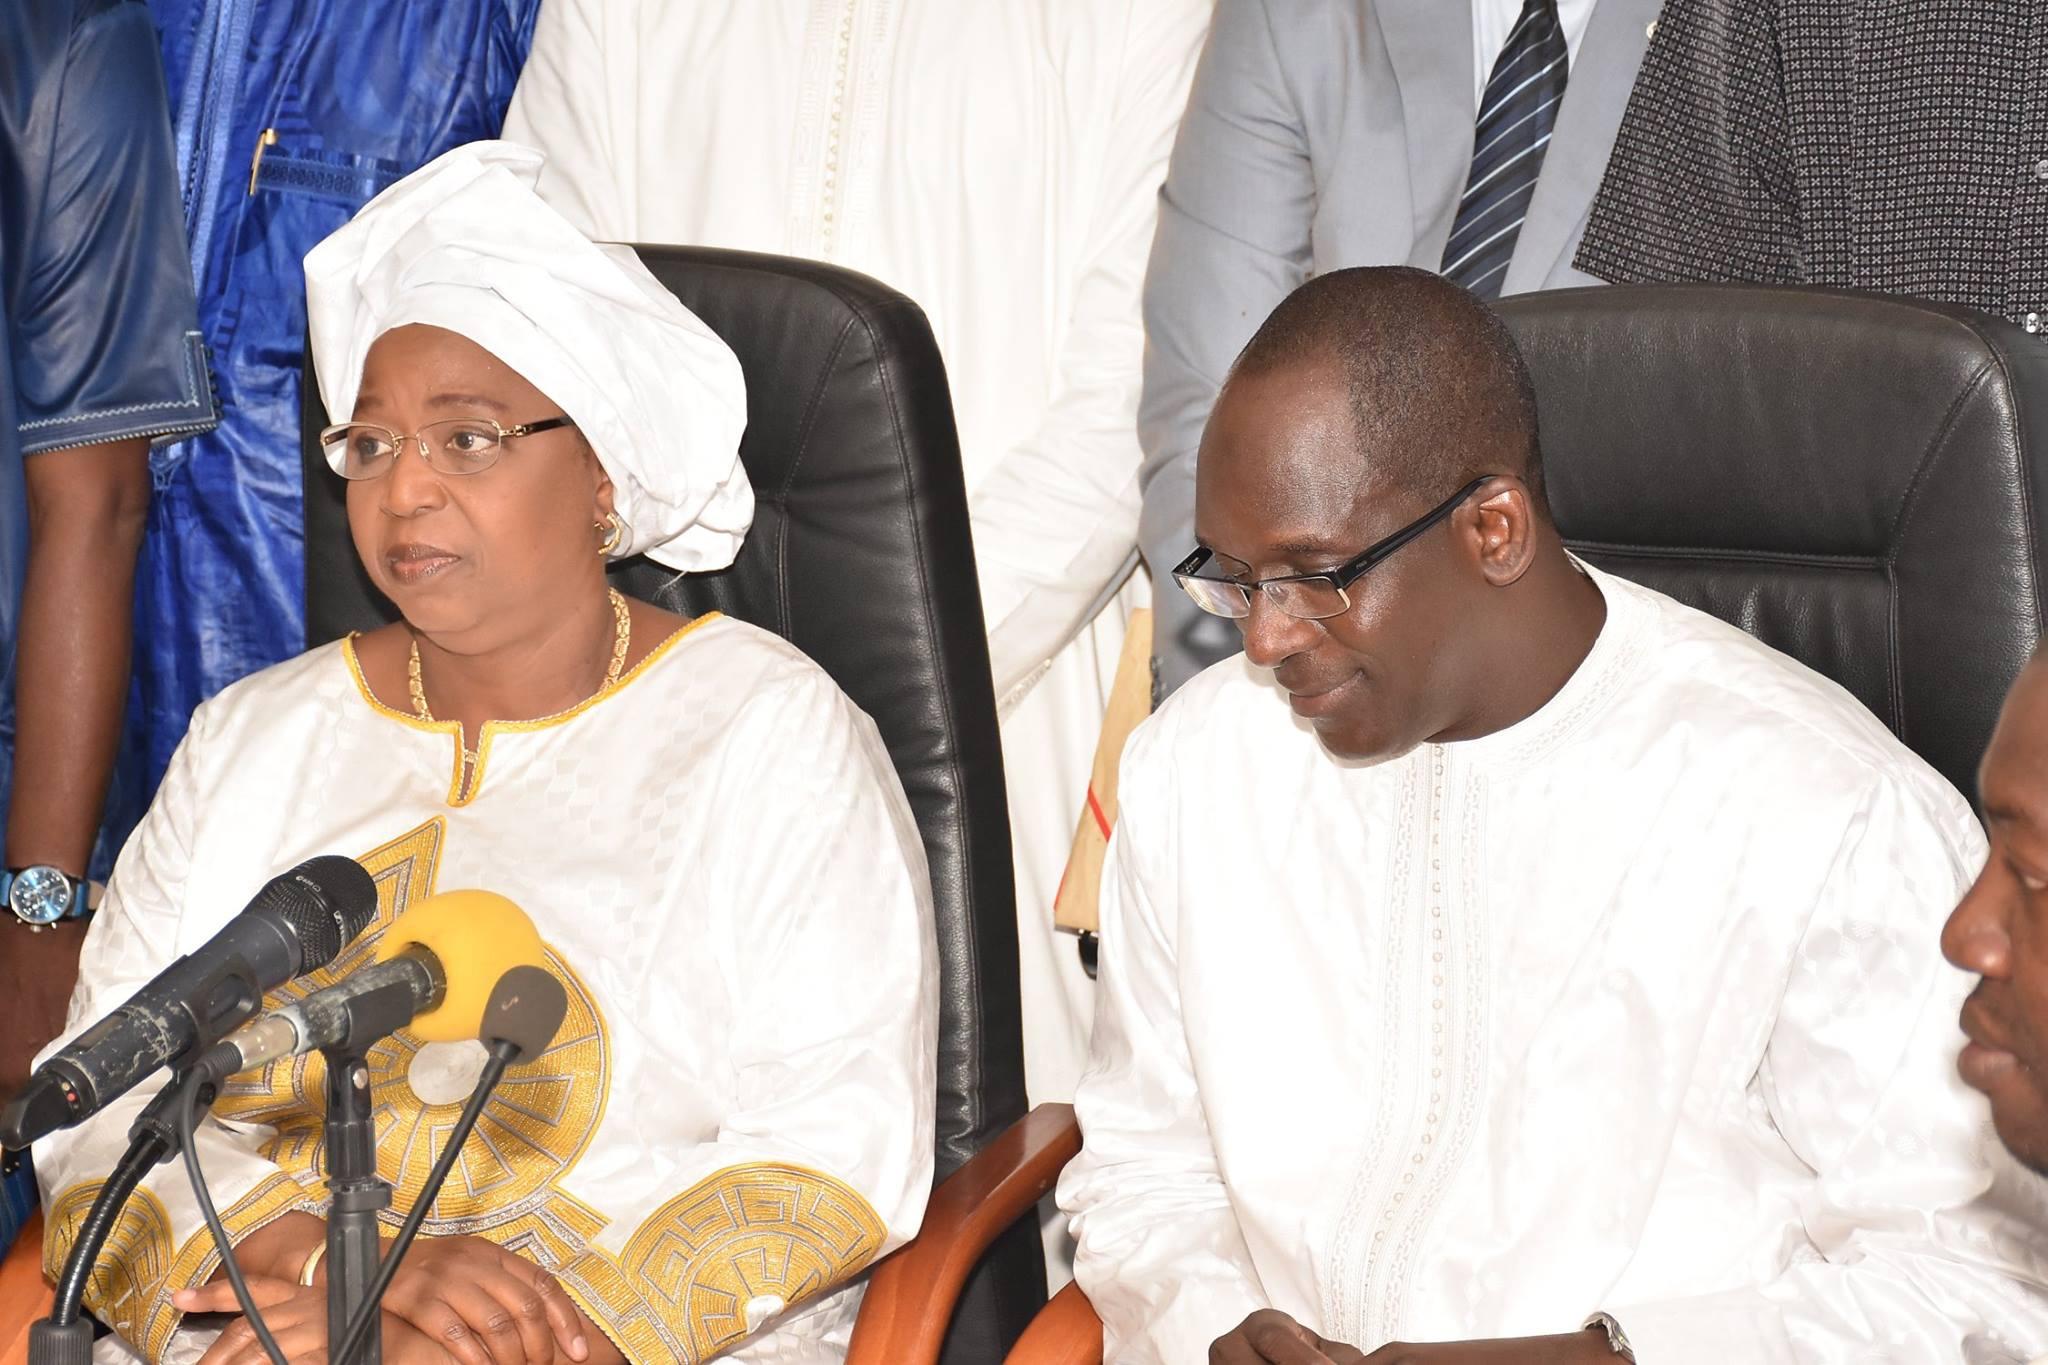 Images: La passation de service entre le ministre sortant Awa Marie Coll Seck et Abdoulaye Diouf Sarr, ministre entrant de la Santé